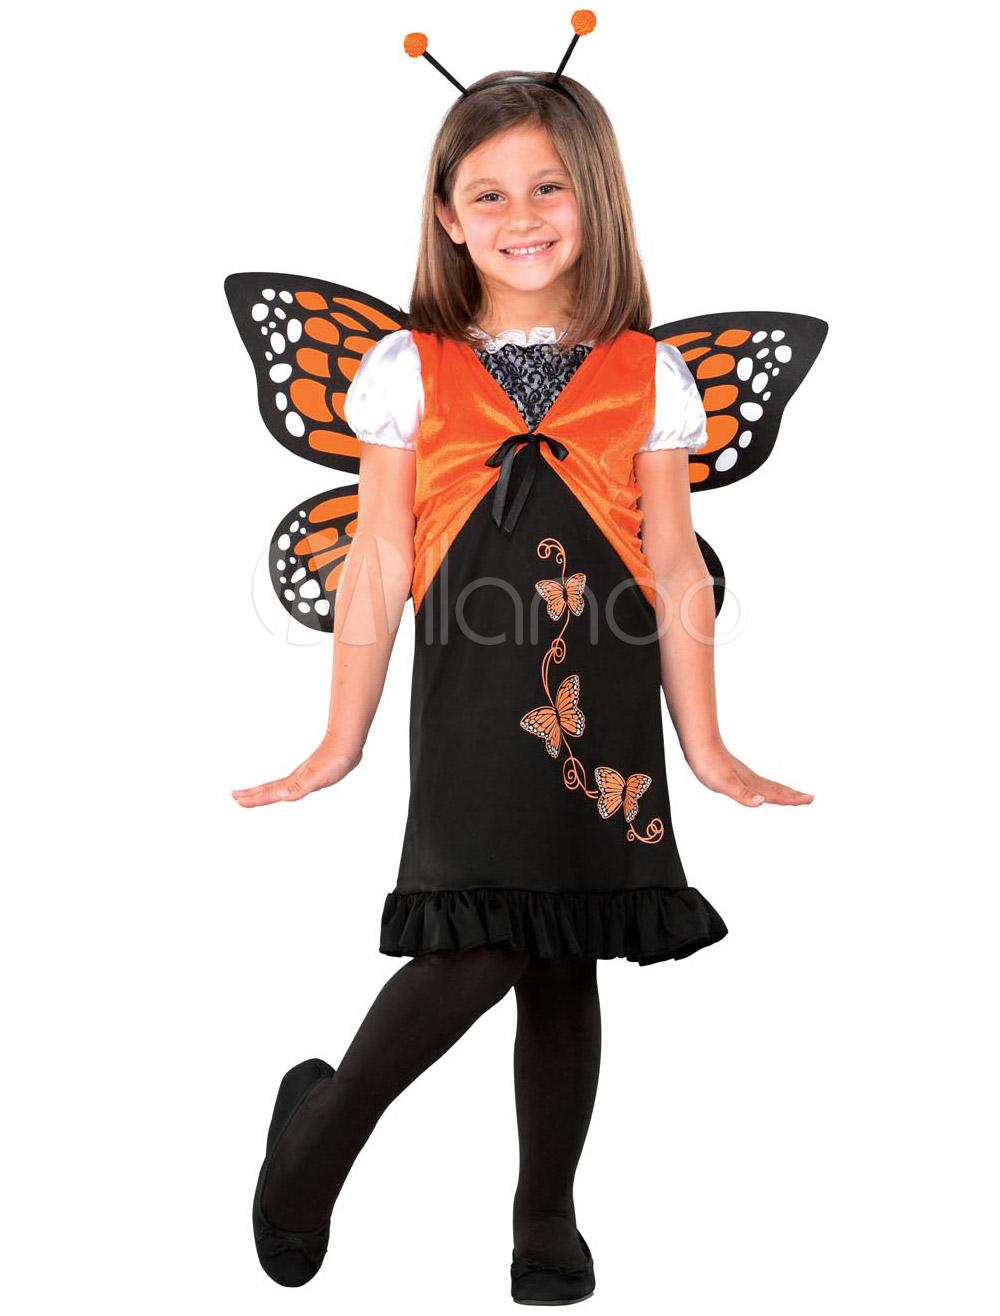 одежда для танцев для детей одесса